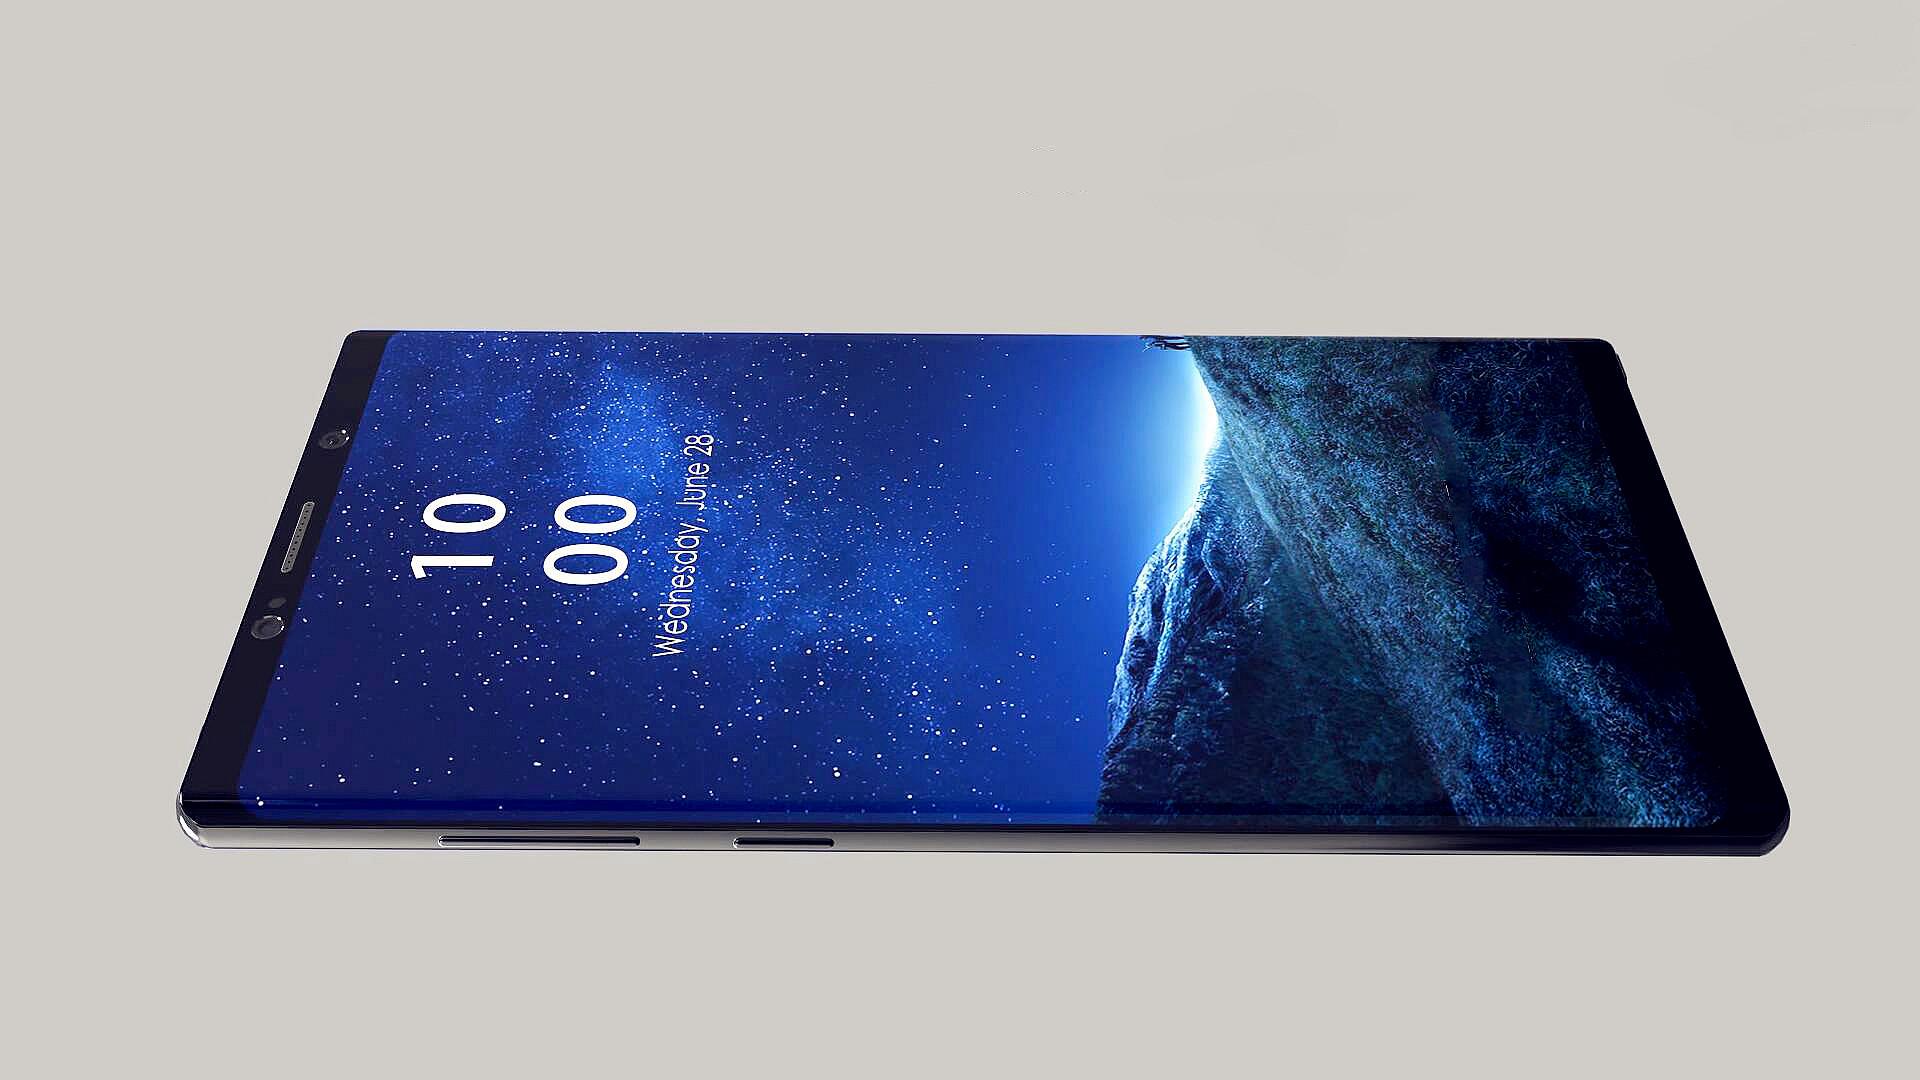 三星不盲目从众:2K曲屏 4500mAh 保存左右外框 这才算是三星手机